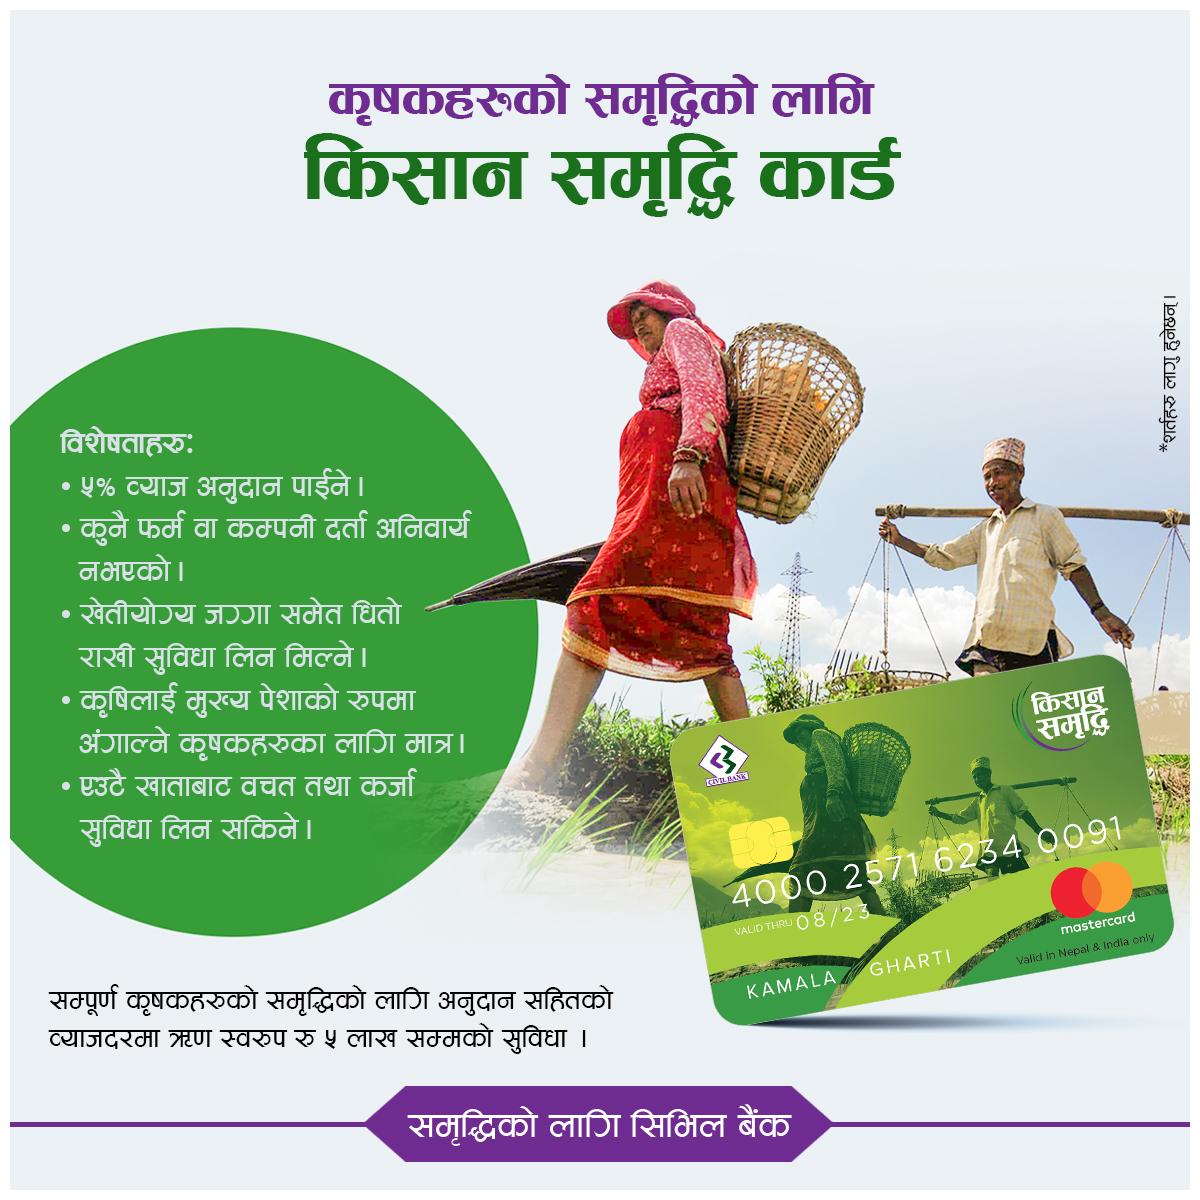 सिभिल बैंकले शुरु गर्यो किसान समृद्धि कार्ड, यस्ता छन् सुविधा